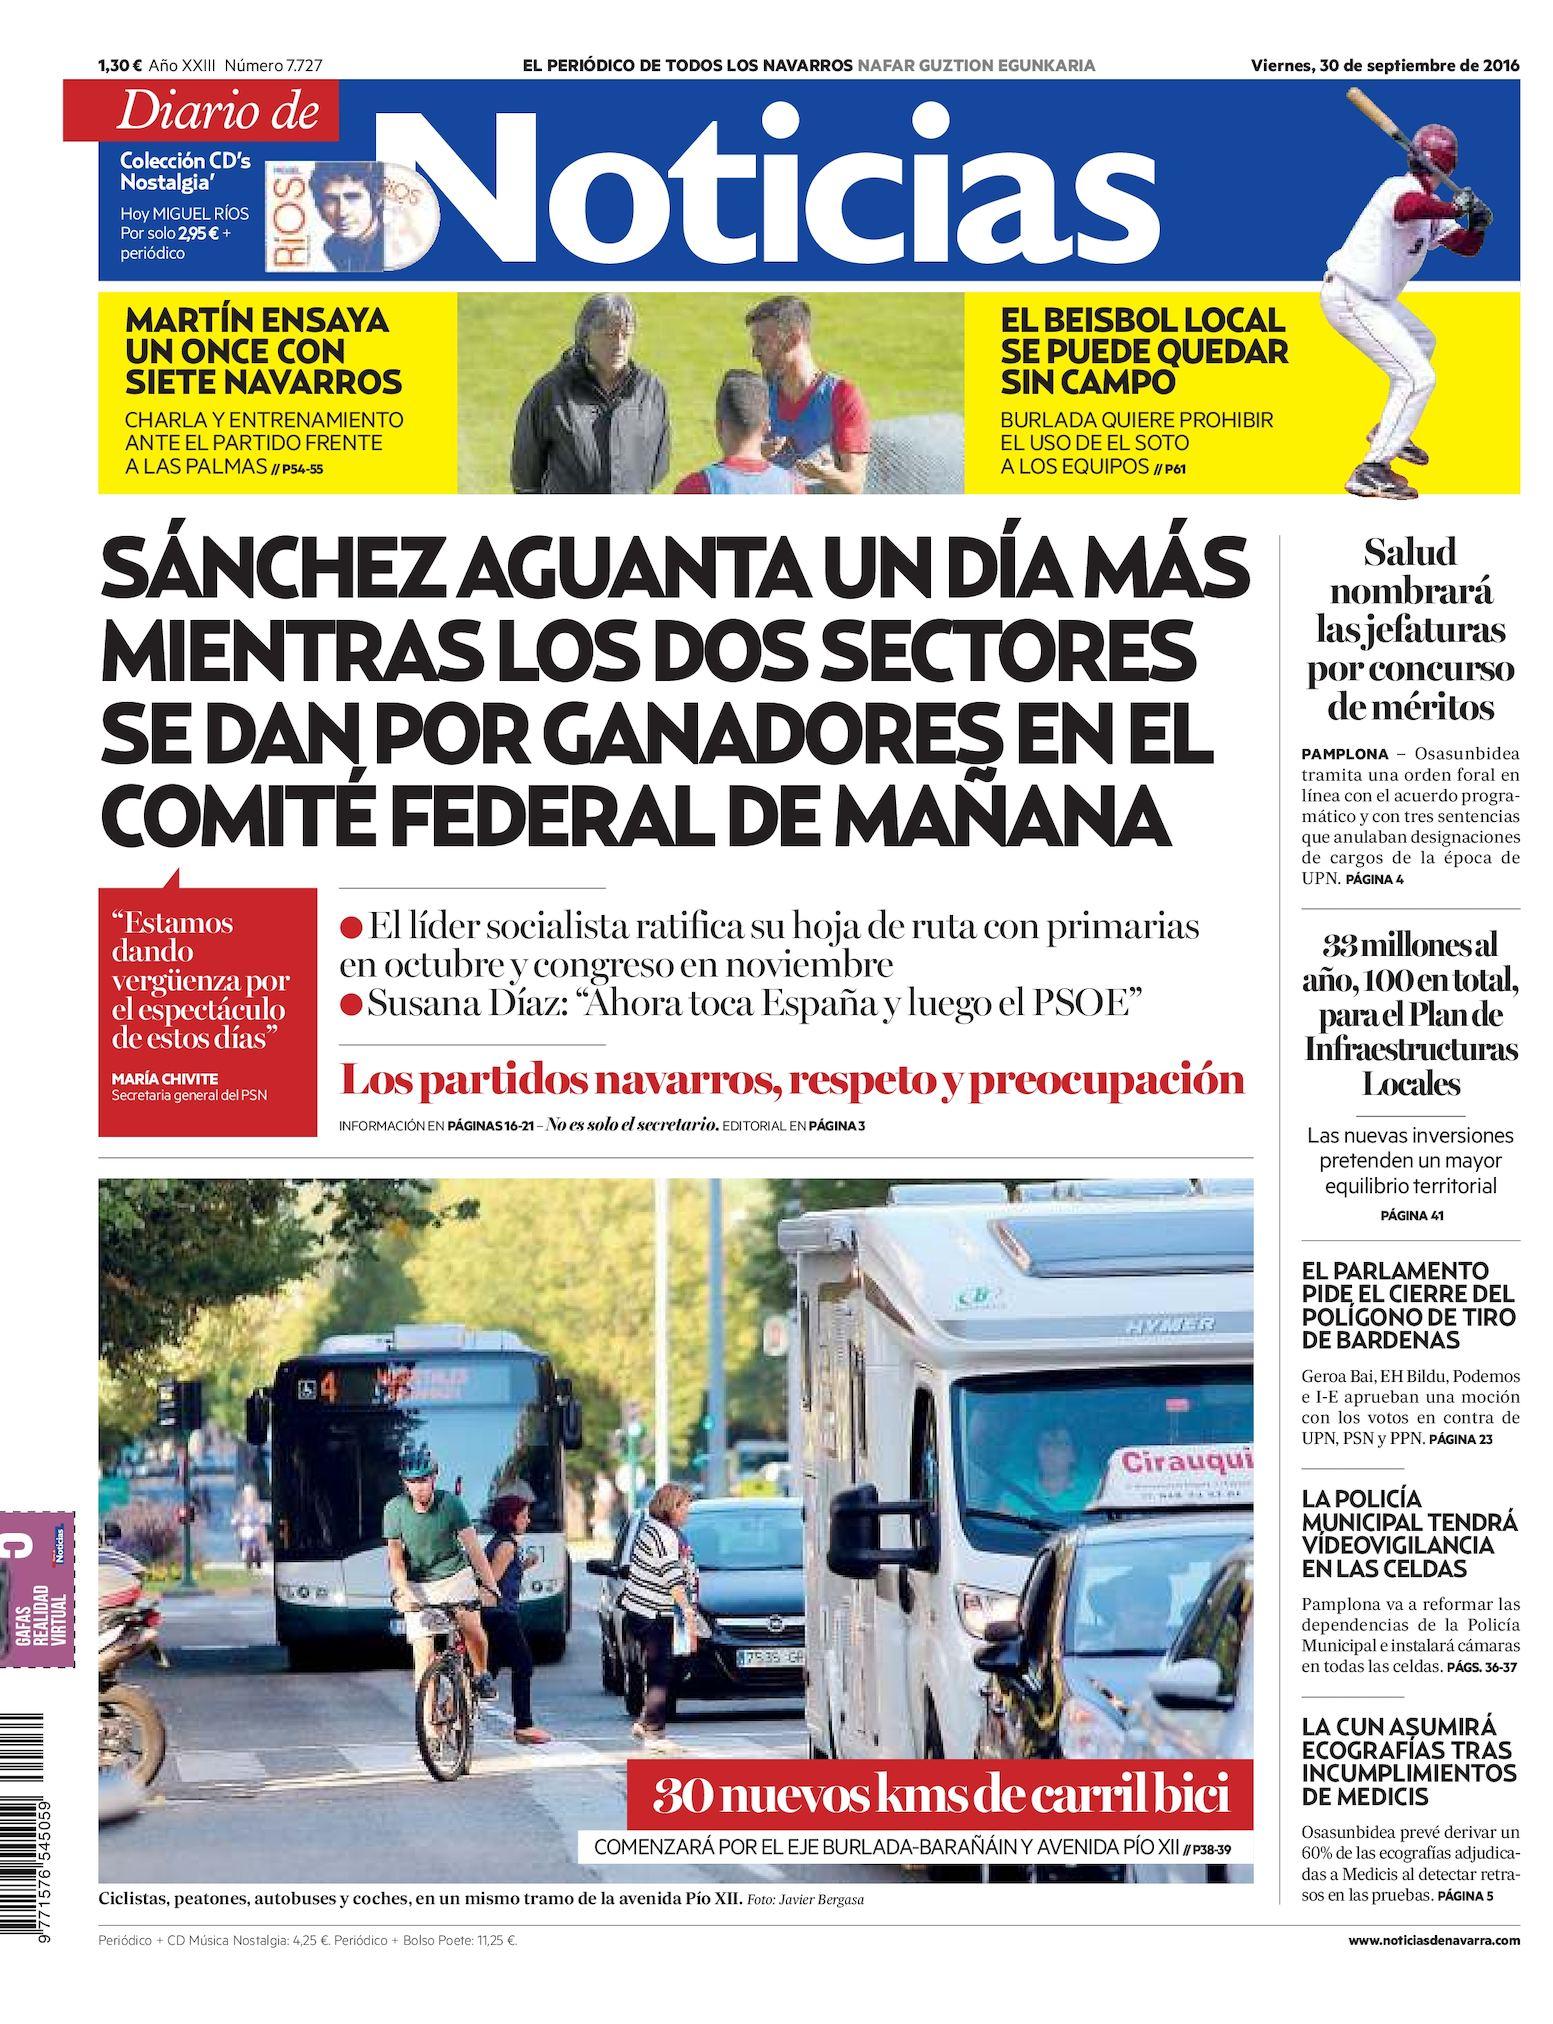 7366804d32c6 Calaméo - Diario de Noticias 20160930